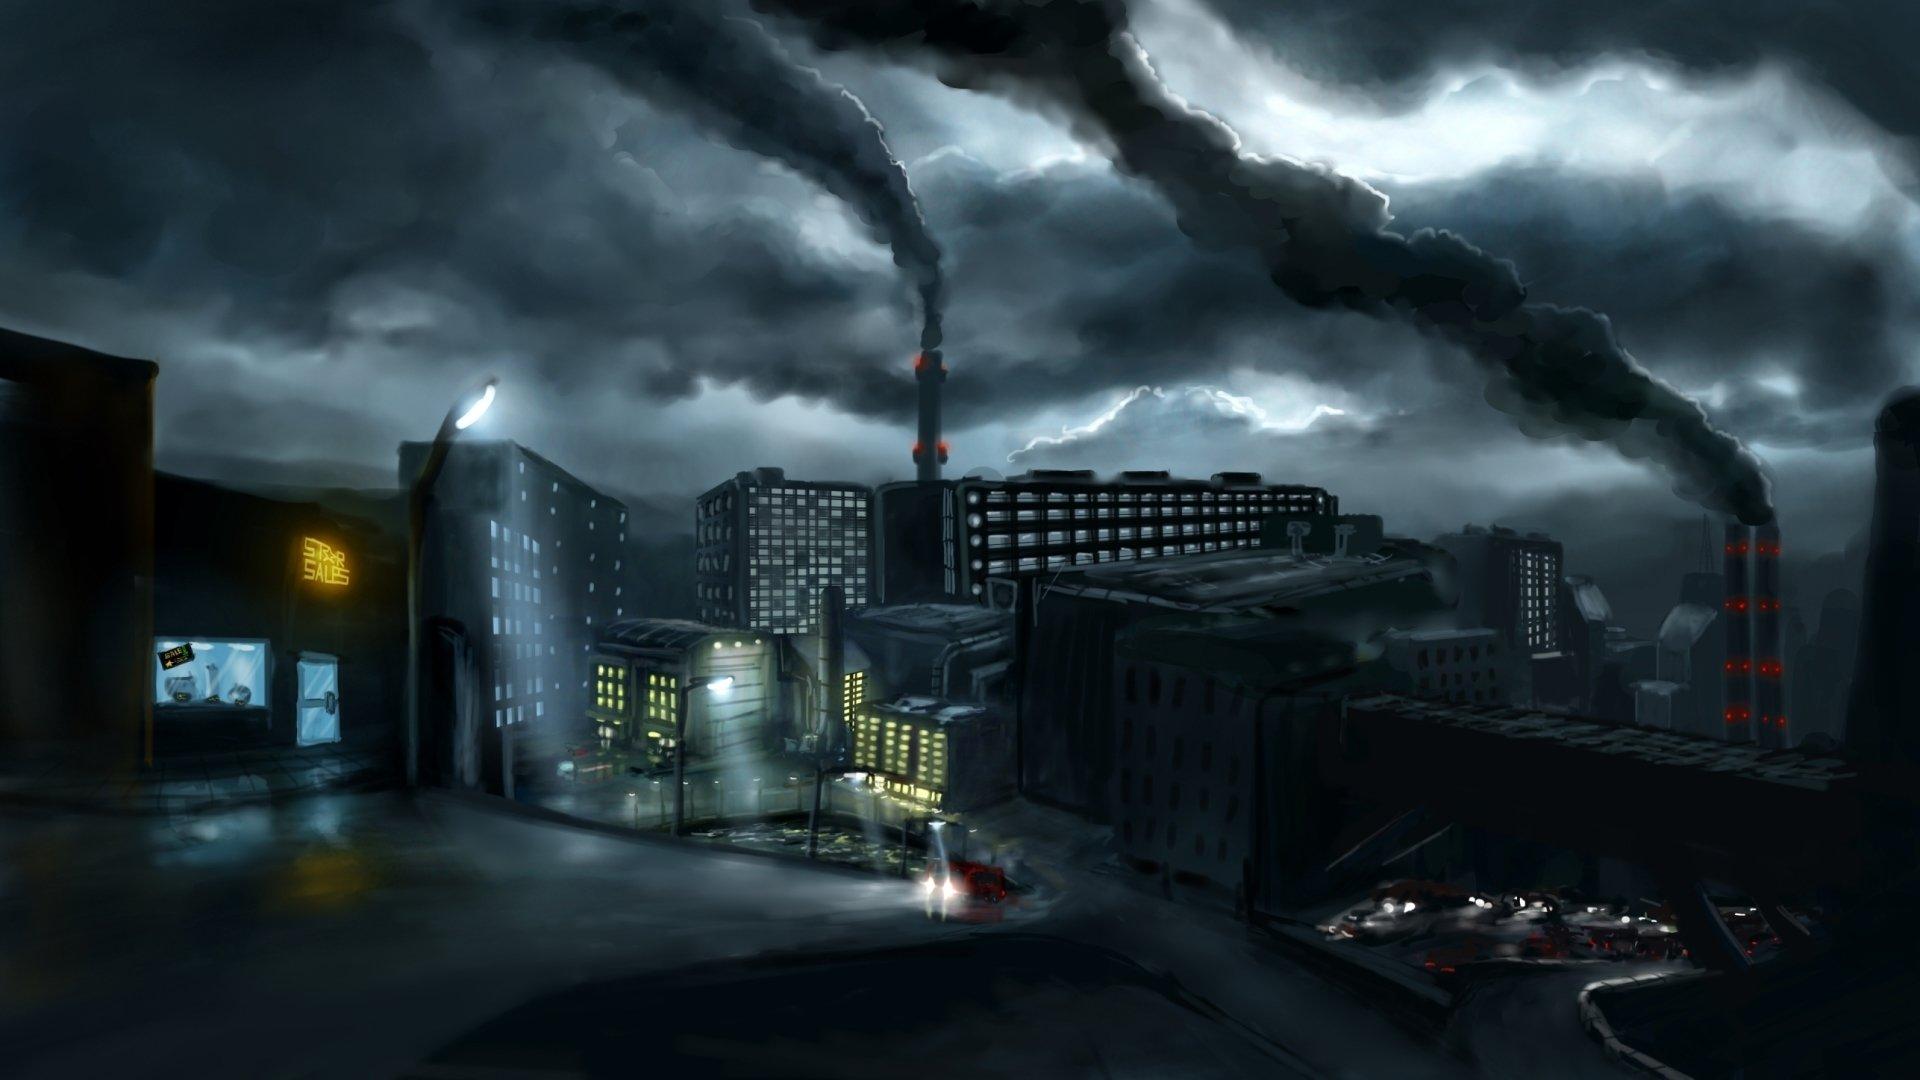 Http Alexlinde Deviantart Com Art Industrial Town